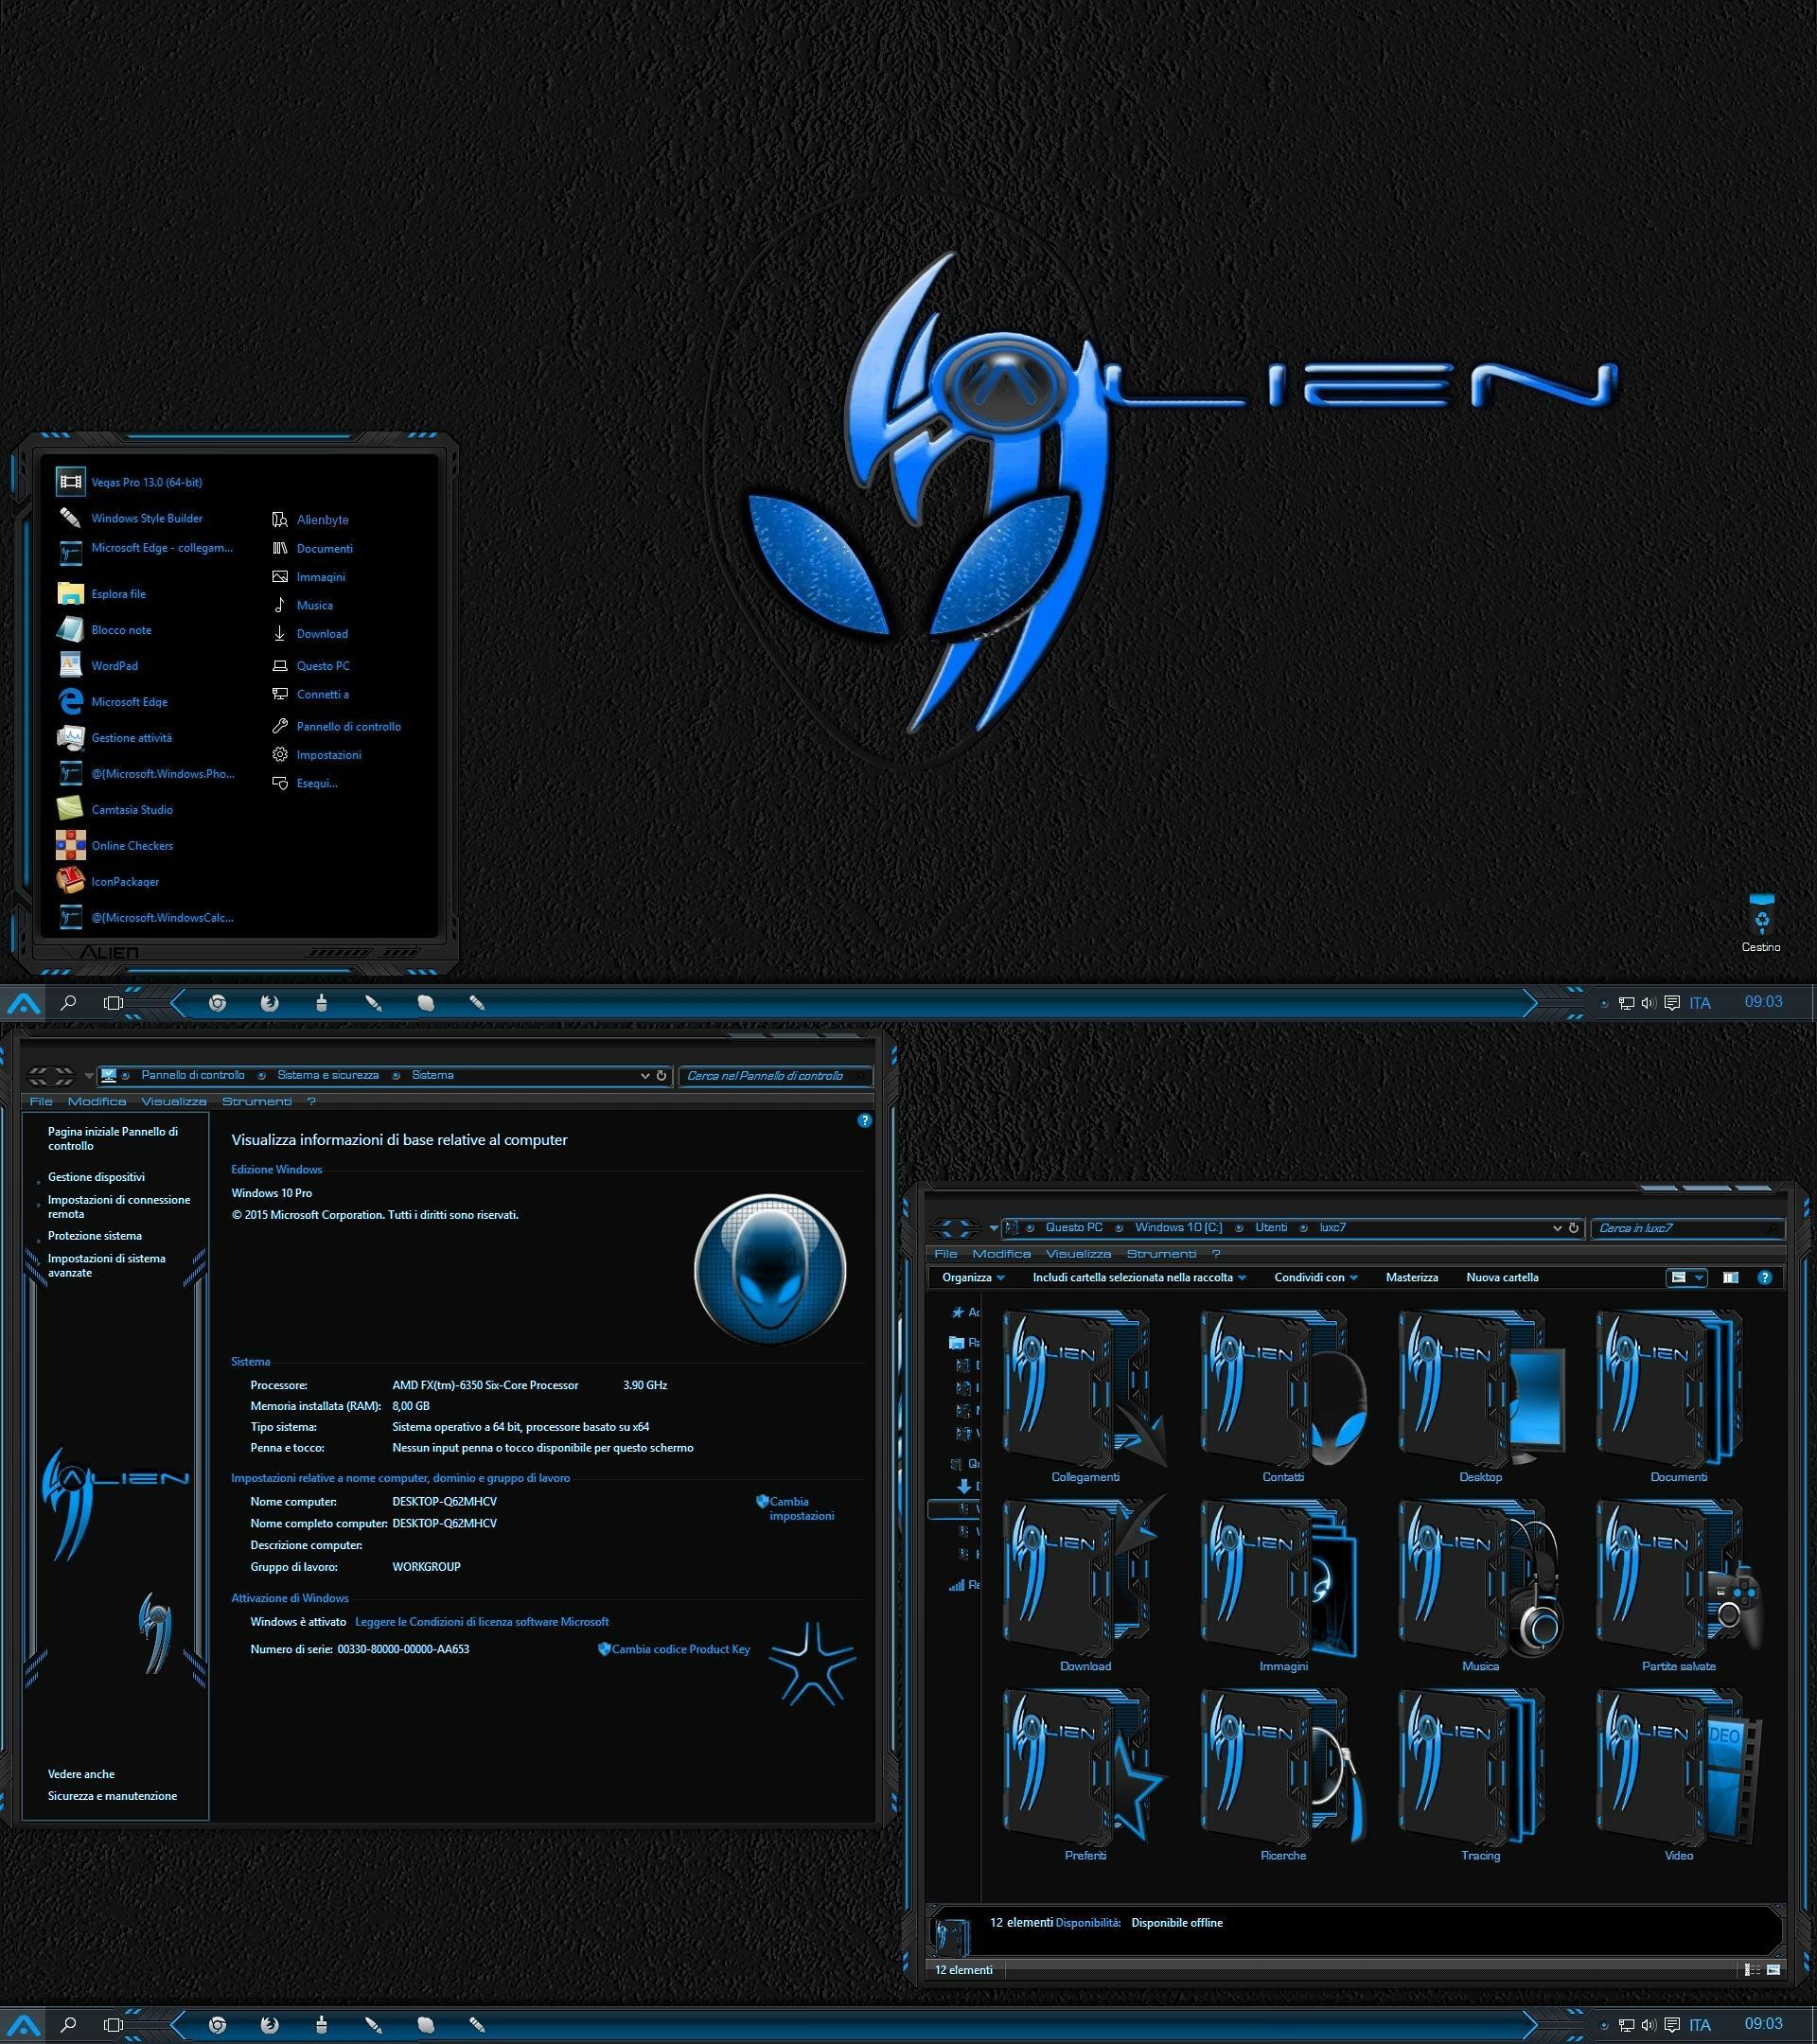 Alien Return Azure for Windows 10 Build 1903-21h2